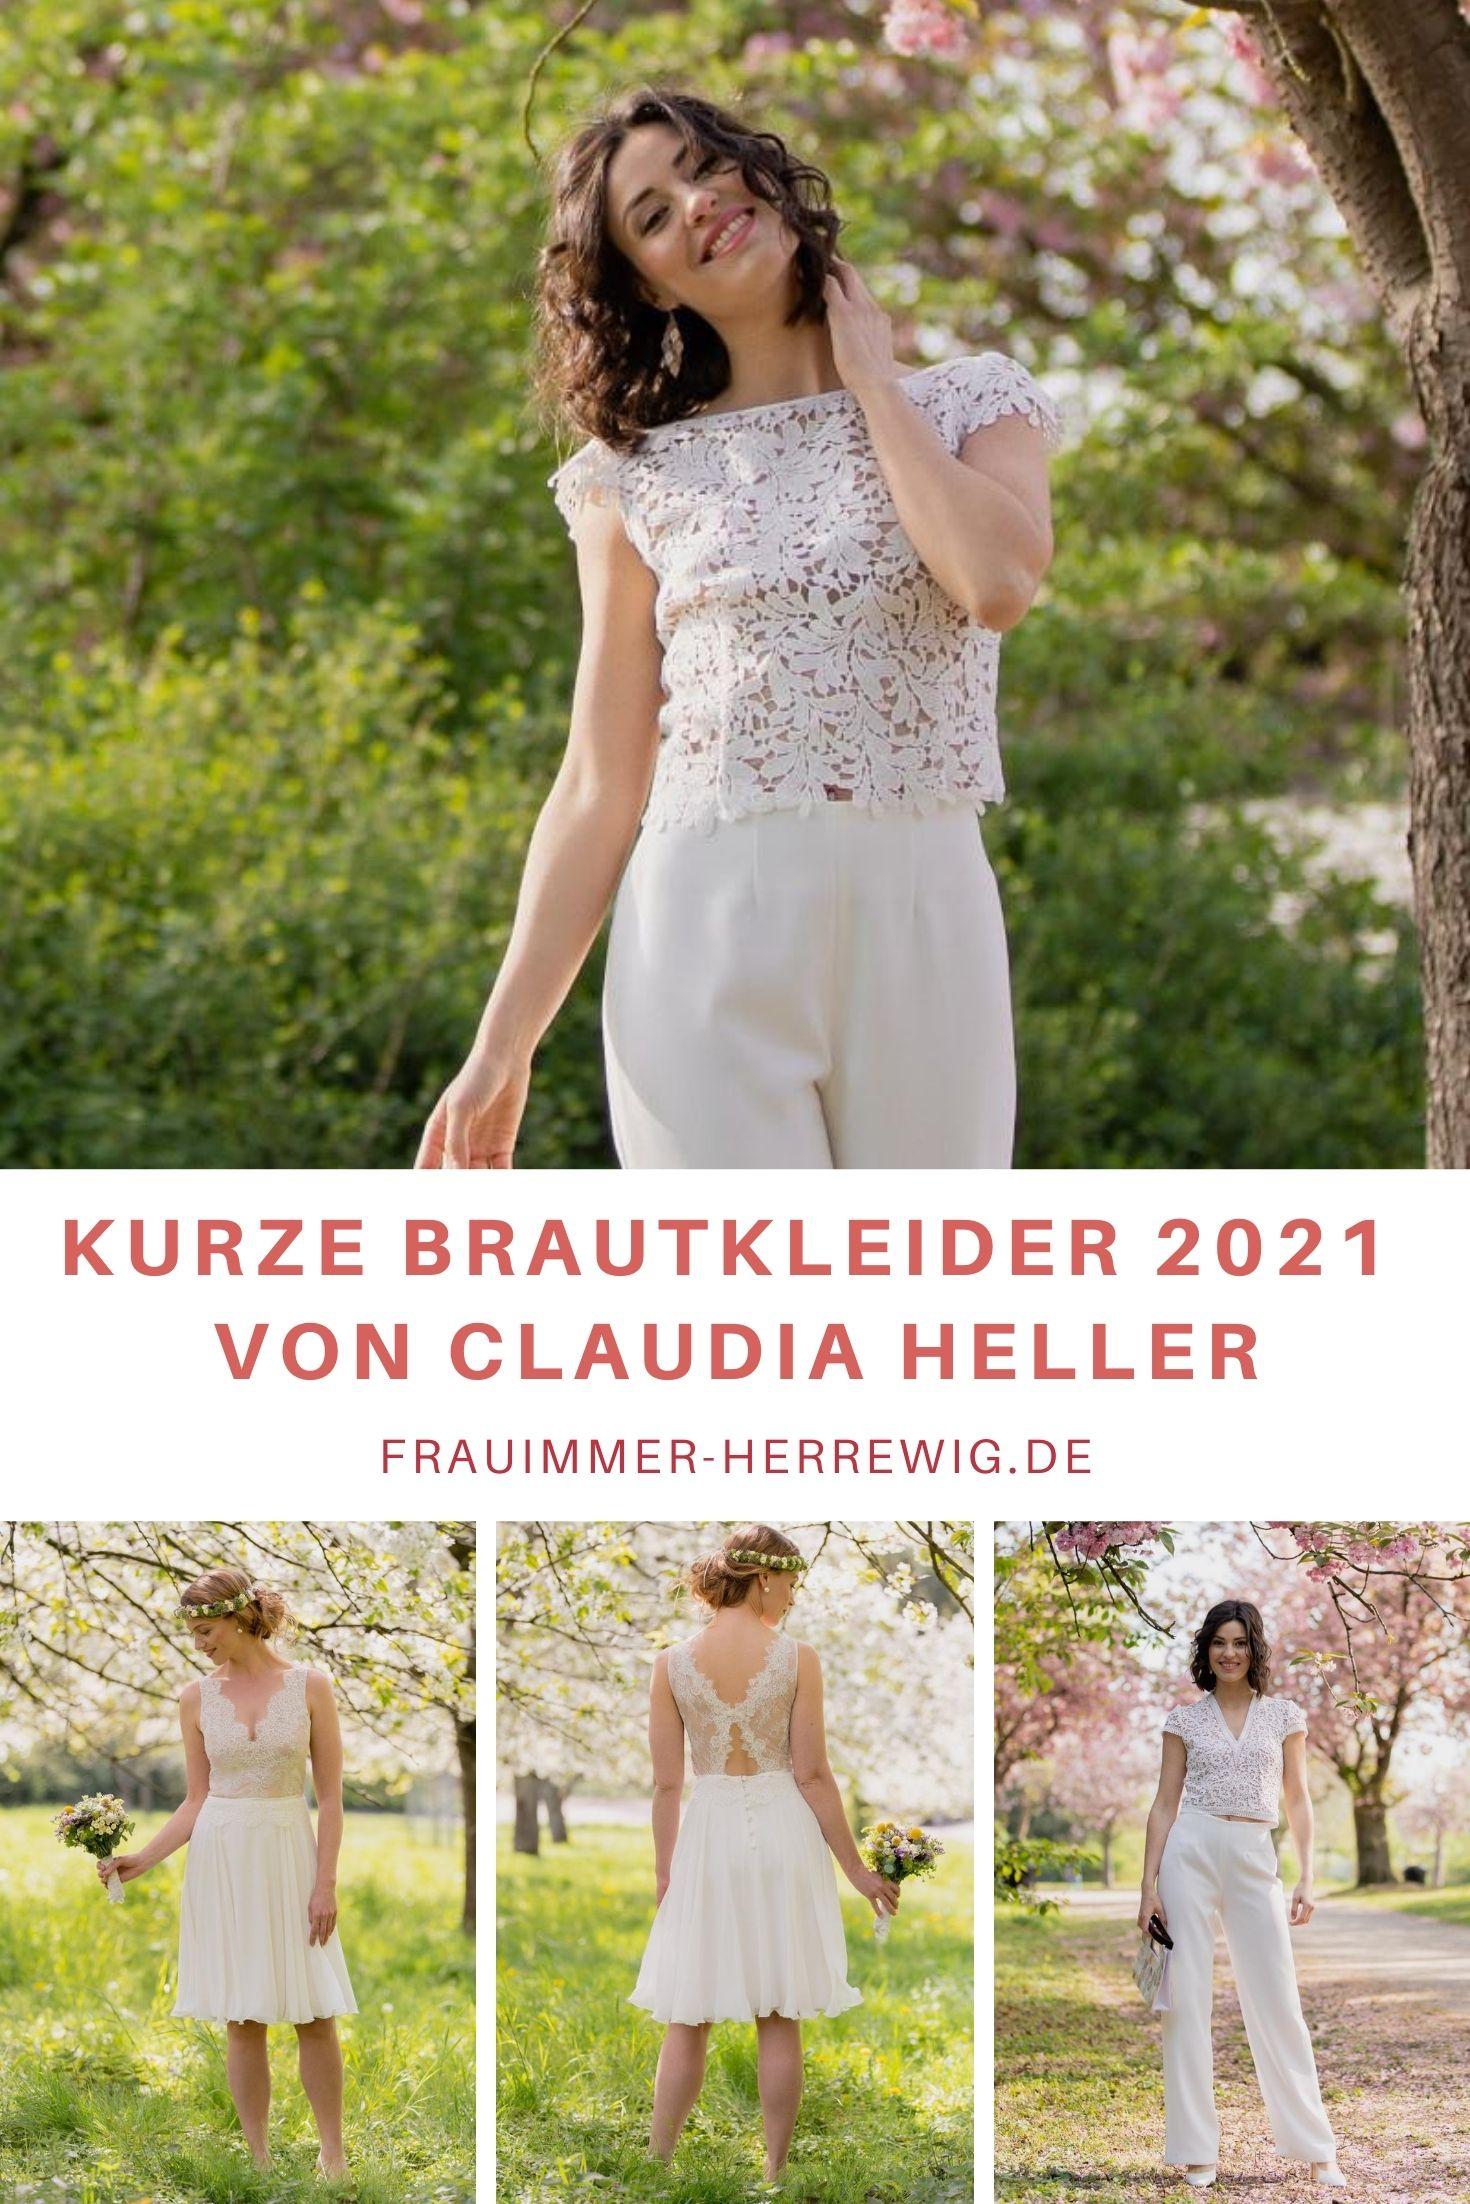 Brautkleider 2021 claudia heller – gesehen bei frauimmer-herrewig.de